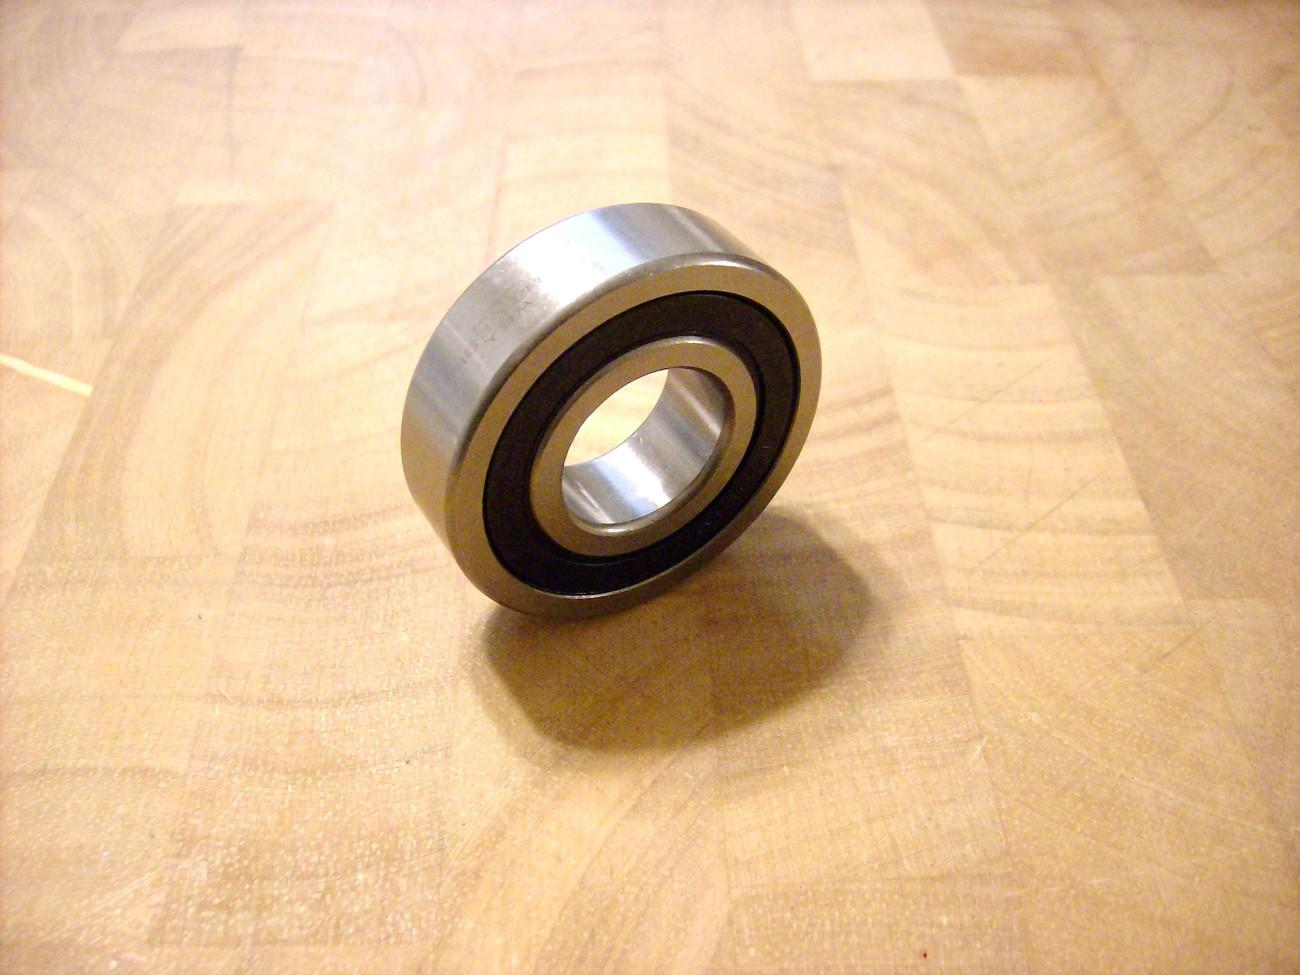 John Deere ST424, ST524, ST624, ST724, ST732, ST824, ST832; 824, 932 bearing